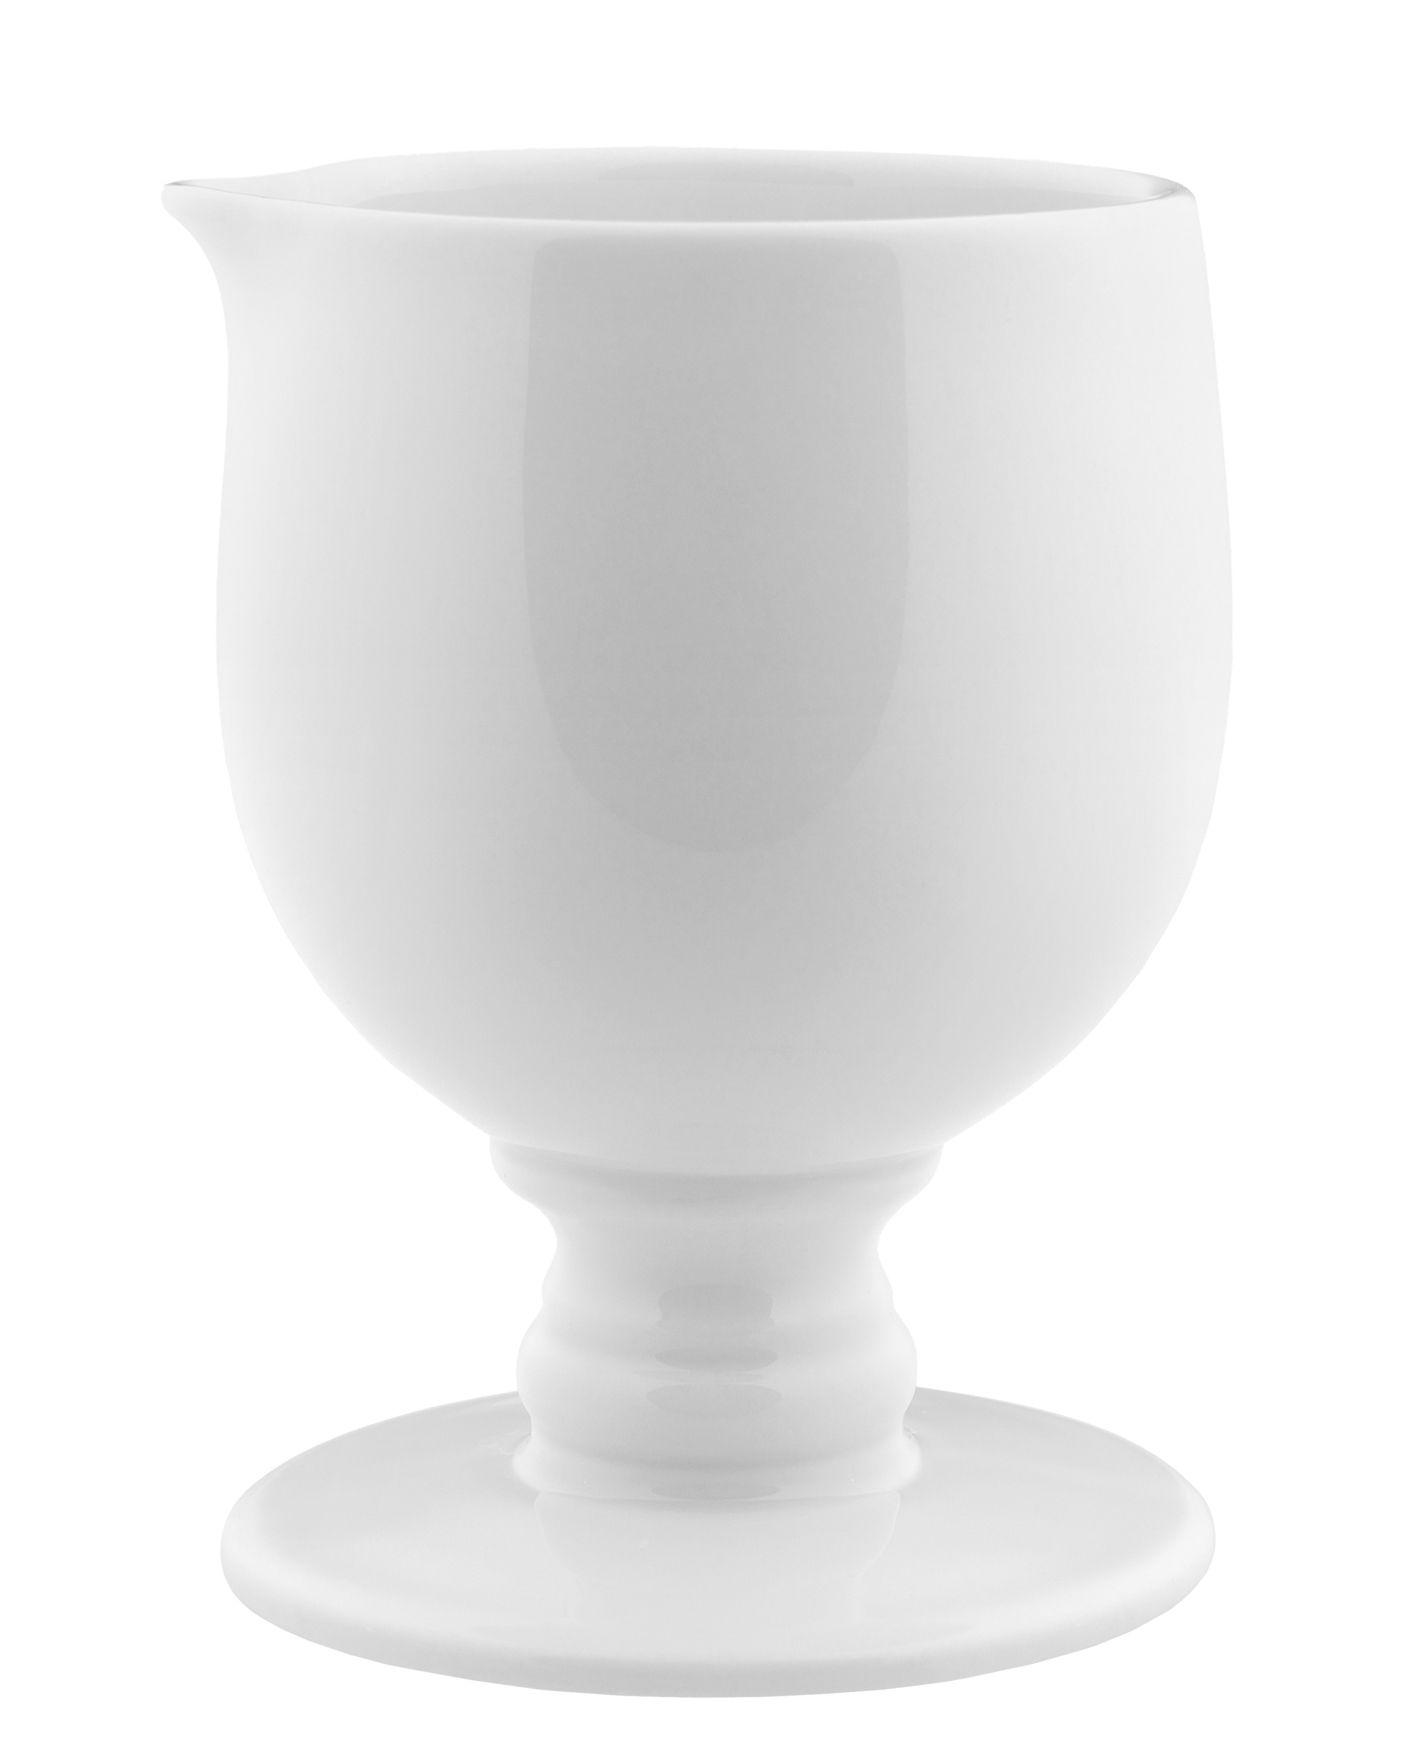 Cuisine - Sucriers, crémiers - Crémier Dressed - Alessi - Blanc - Porcelaine